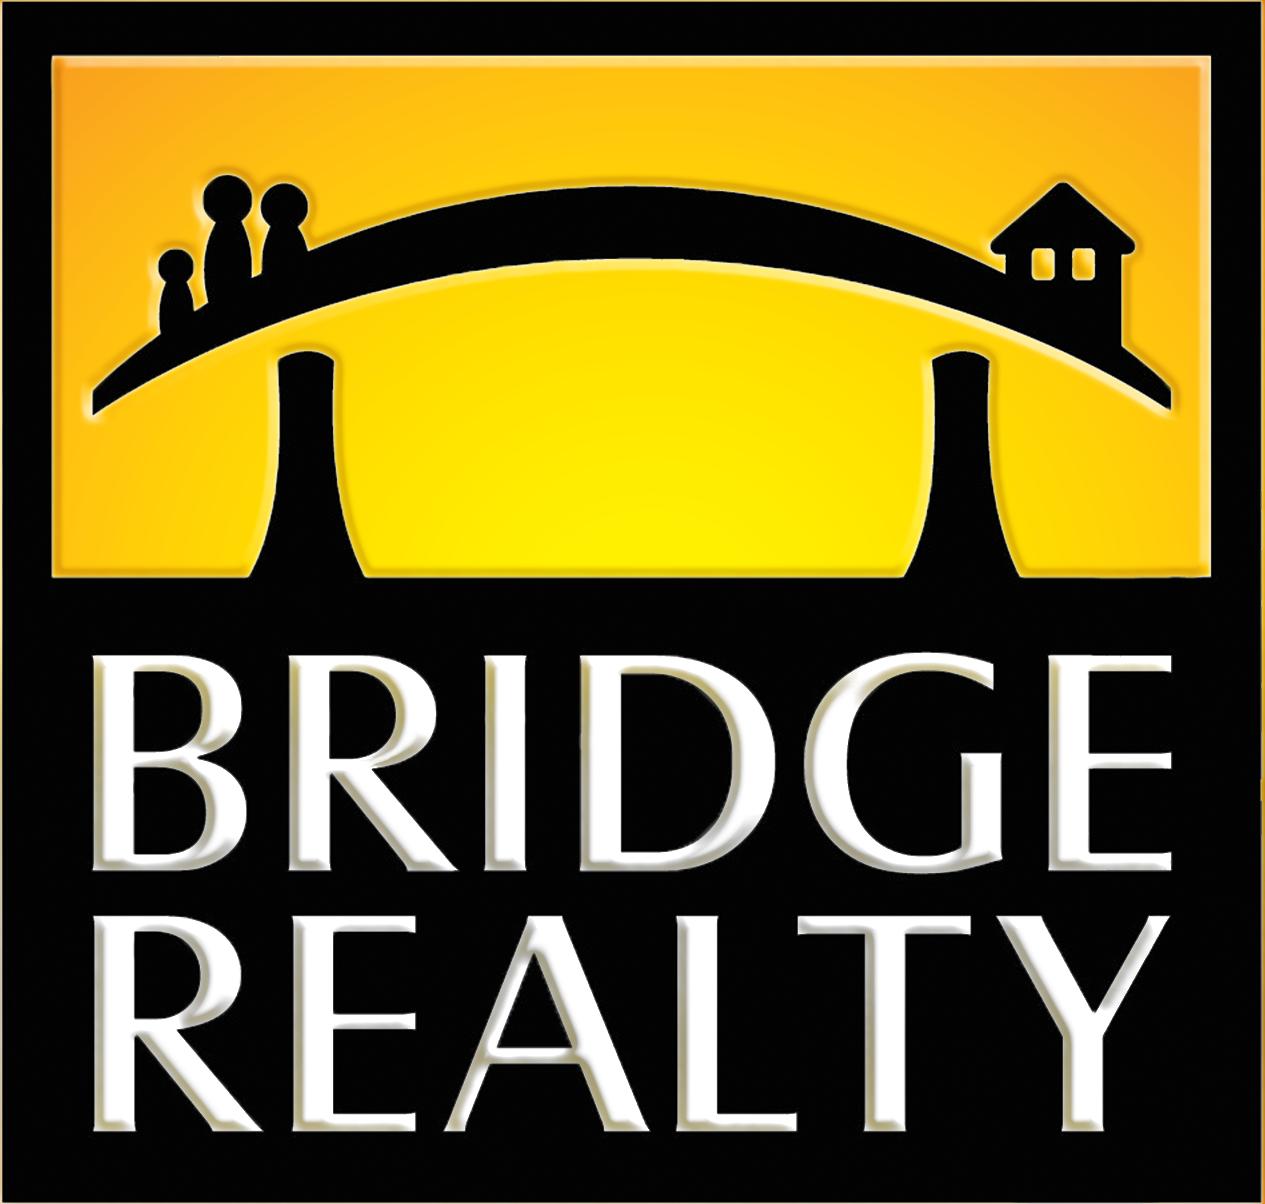 Bridge Realty